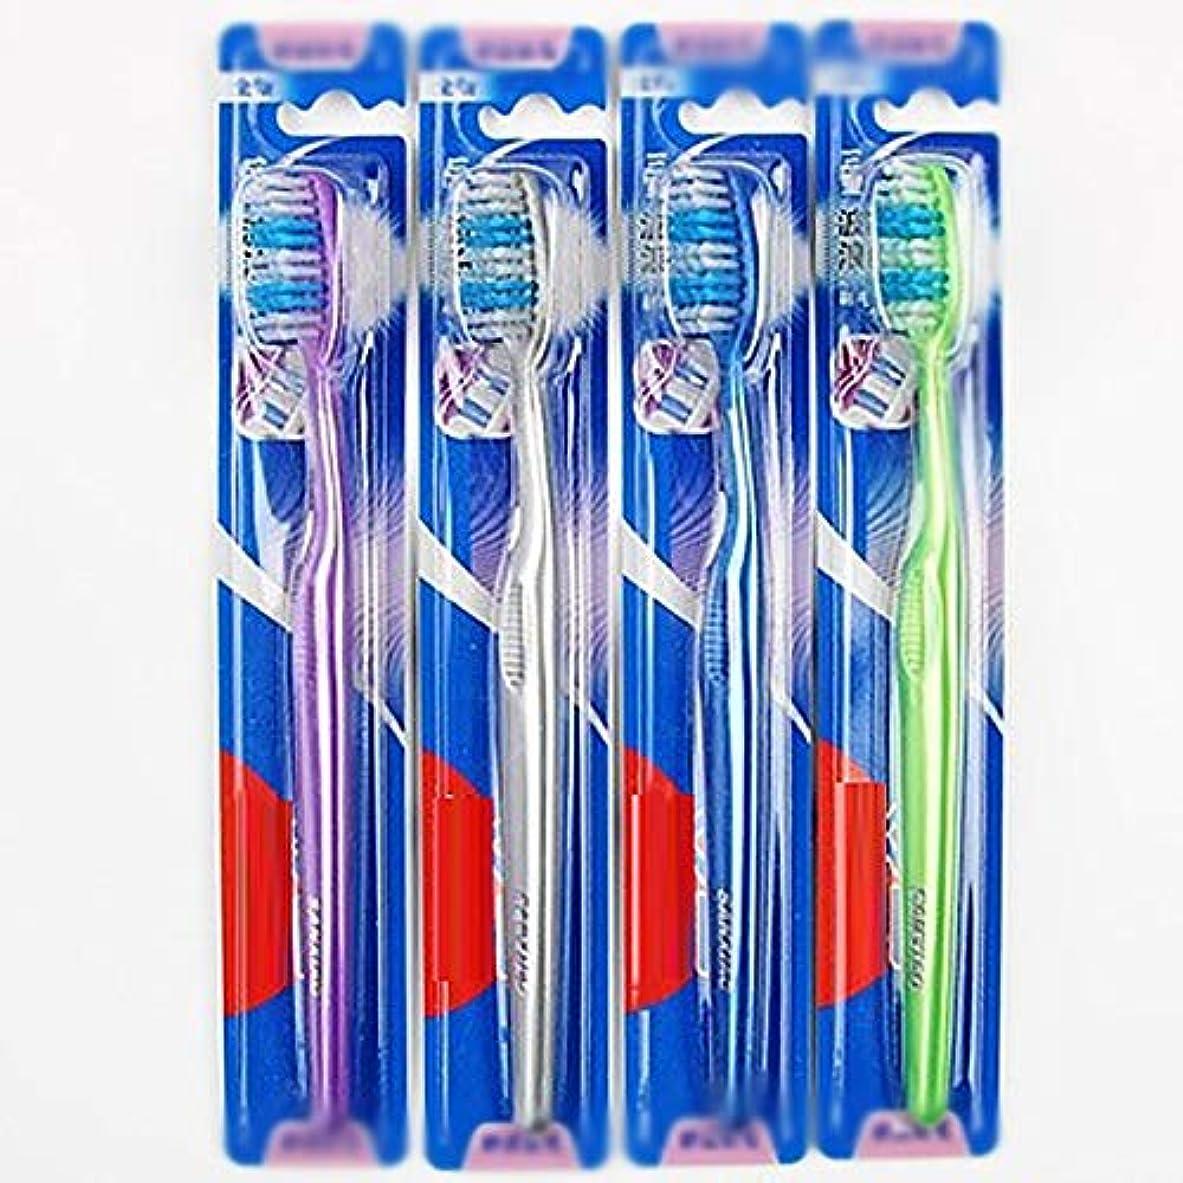 サーカス口頭呼びかける歯ブラシ 30歯ブラシ、快適な柔らかい歯ブラシ、大人歯ブラシ - 使用可能なスタイルの2種類 KHL (色 : B, サイズ : 30 packs)